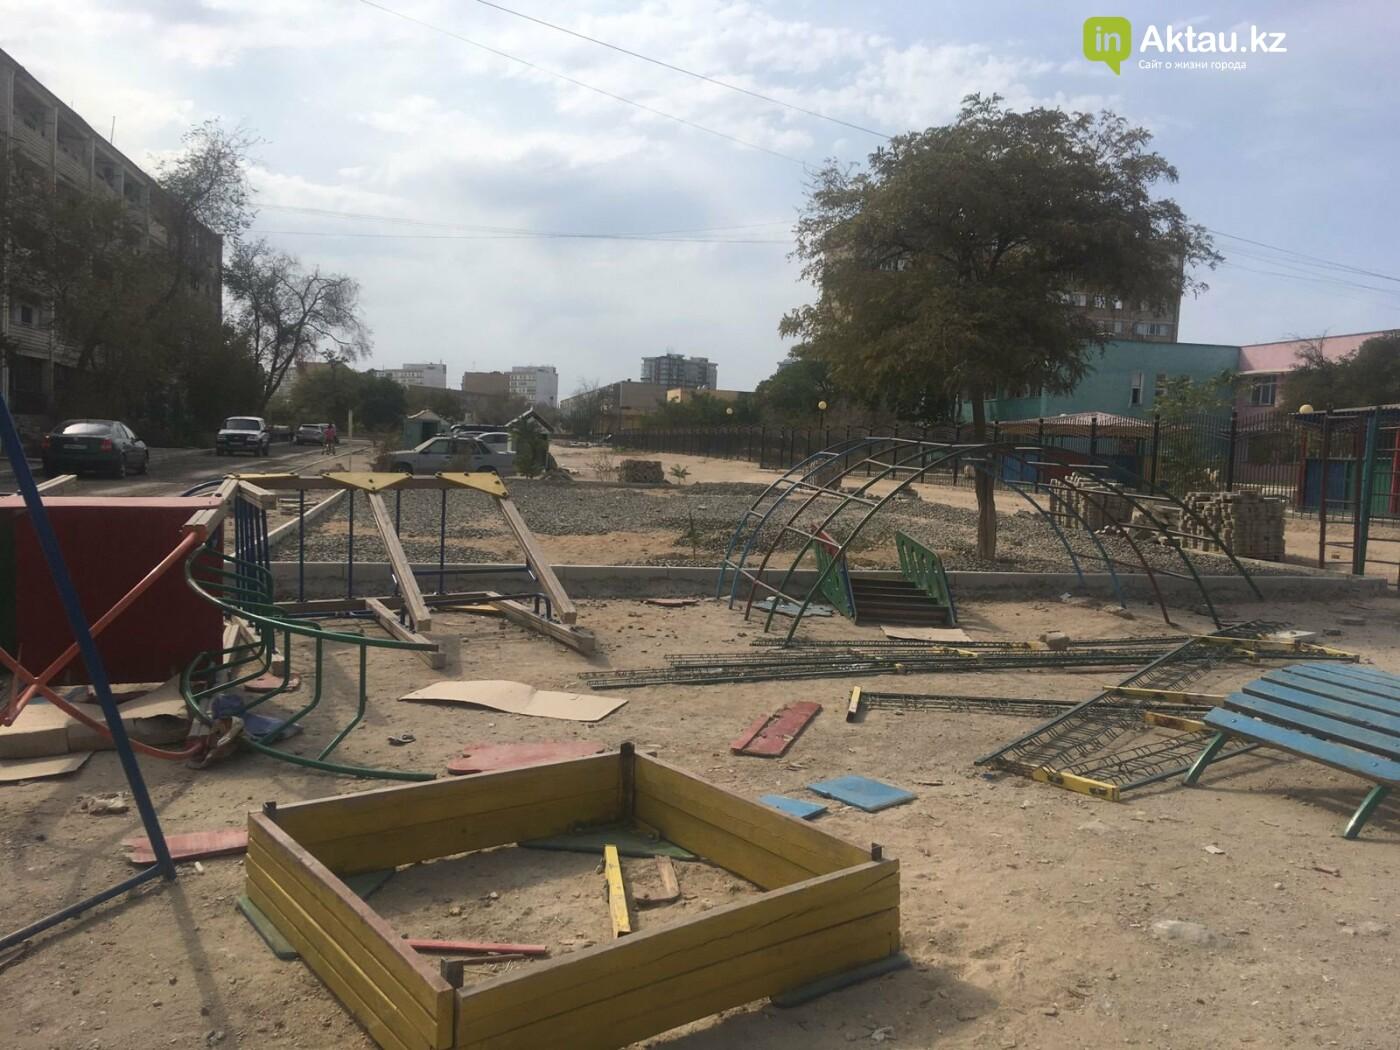 Благоустройство микрорайонов в Актау планируют завершить до ноября, фото-1